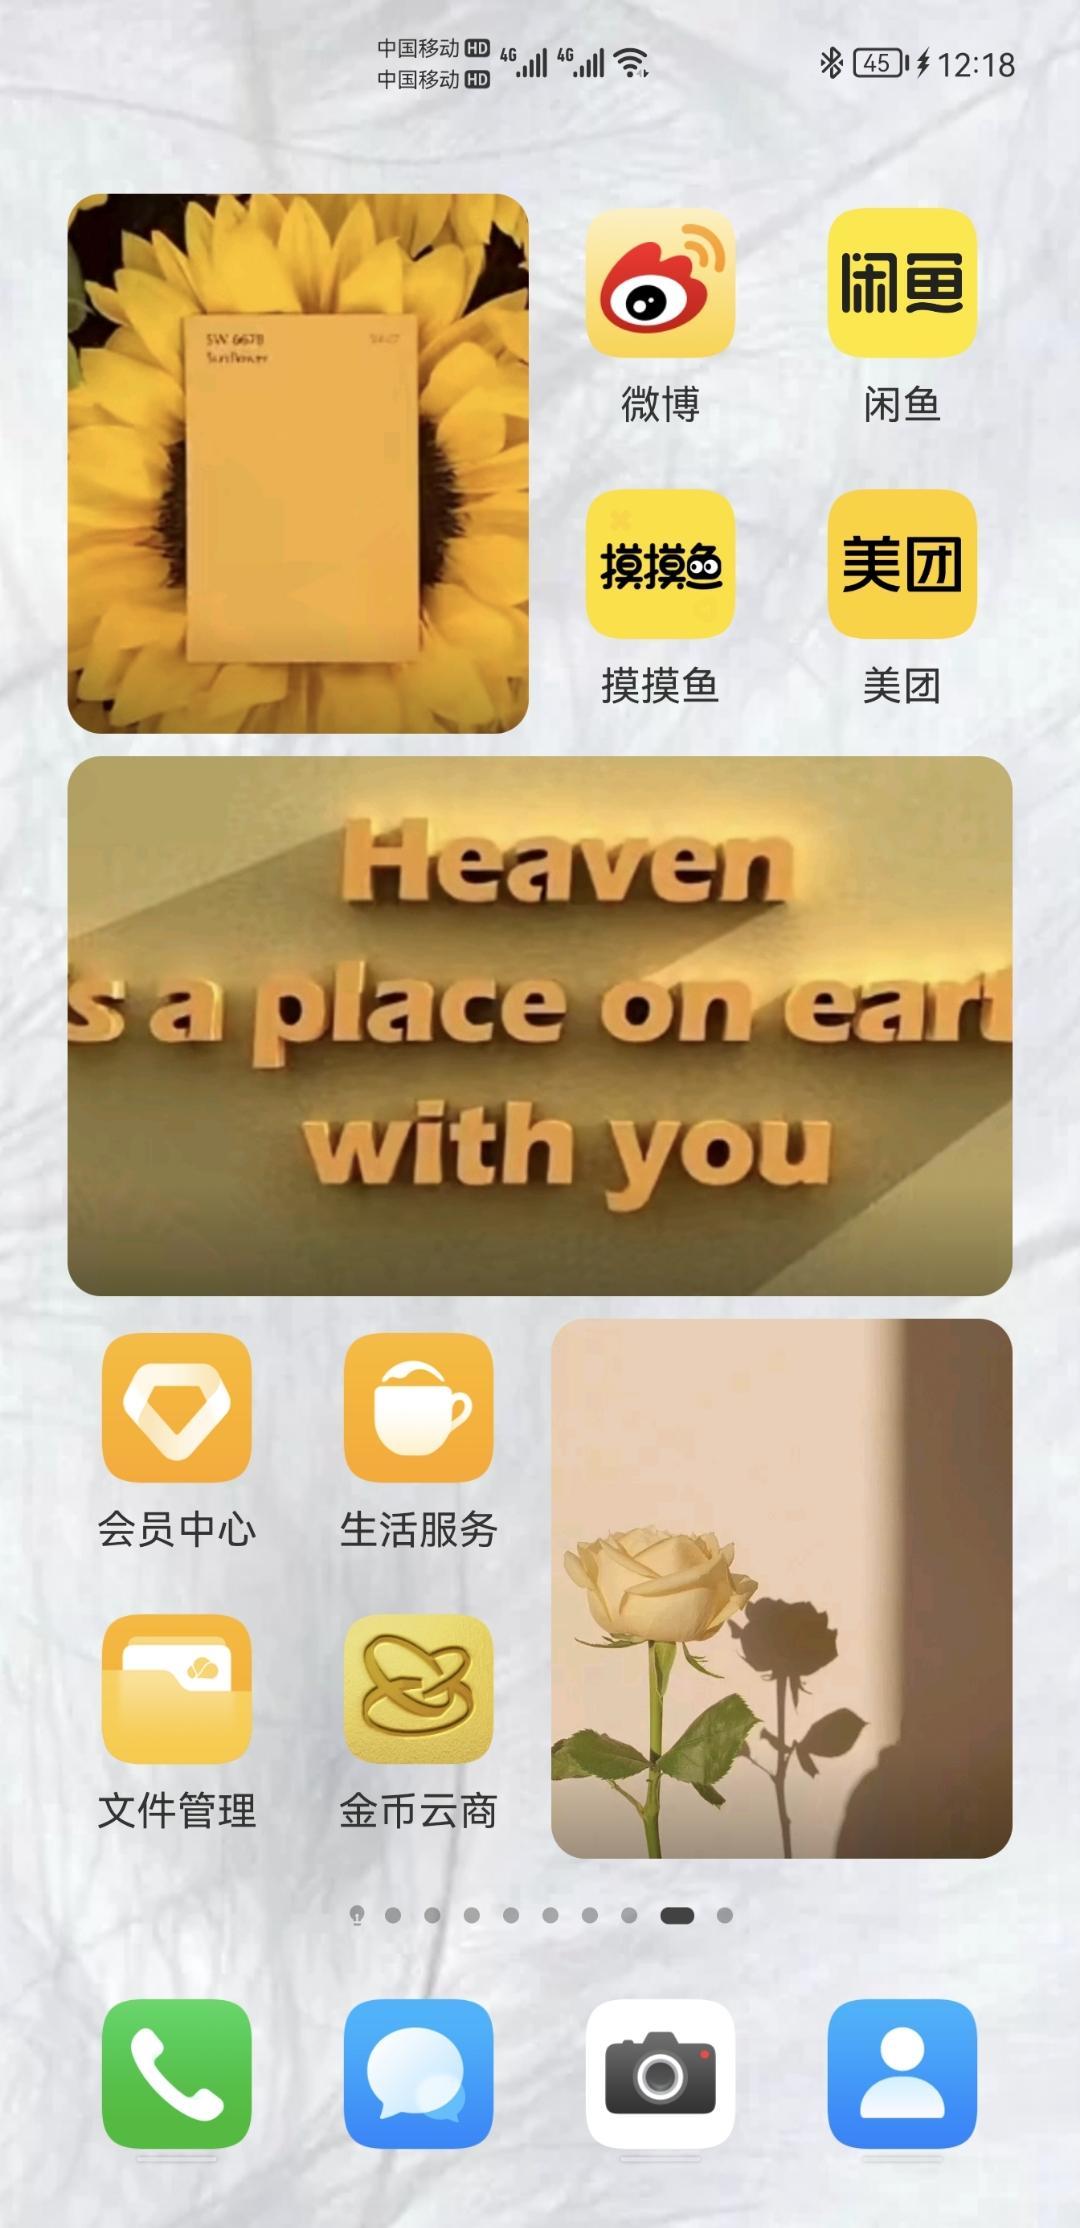 Screenshot_20210612_121818_com.huawei.android.launcher.jpg